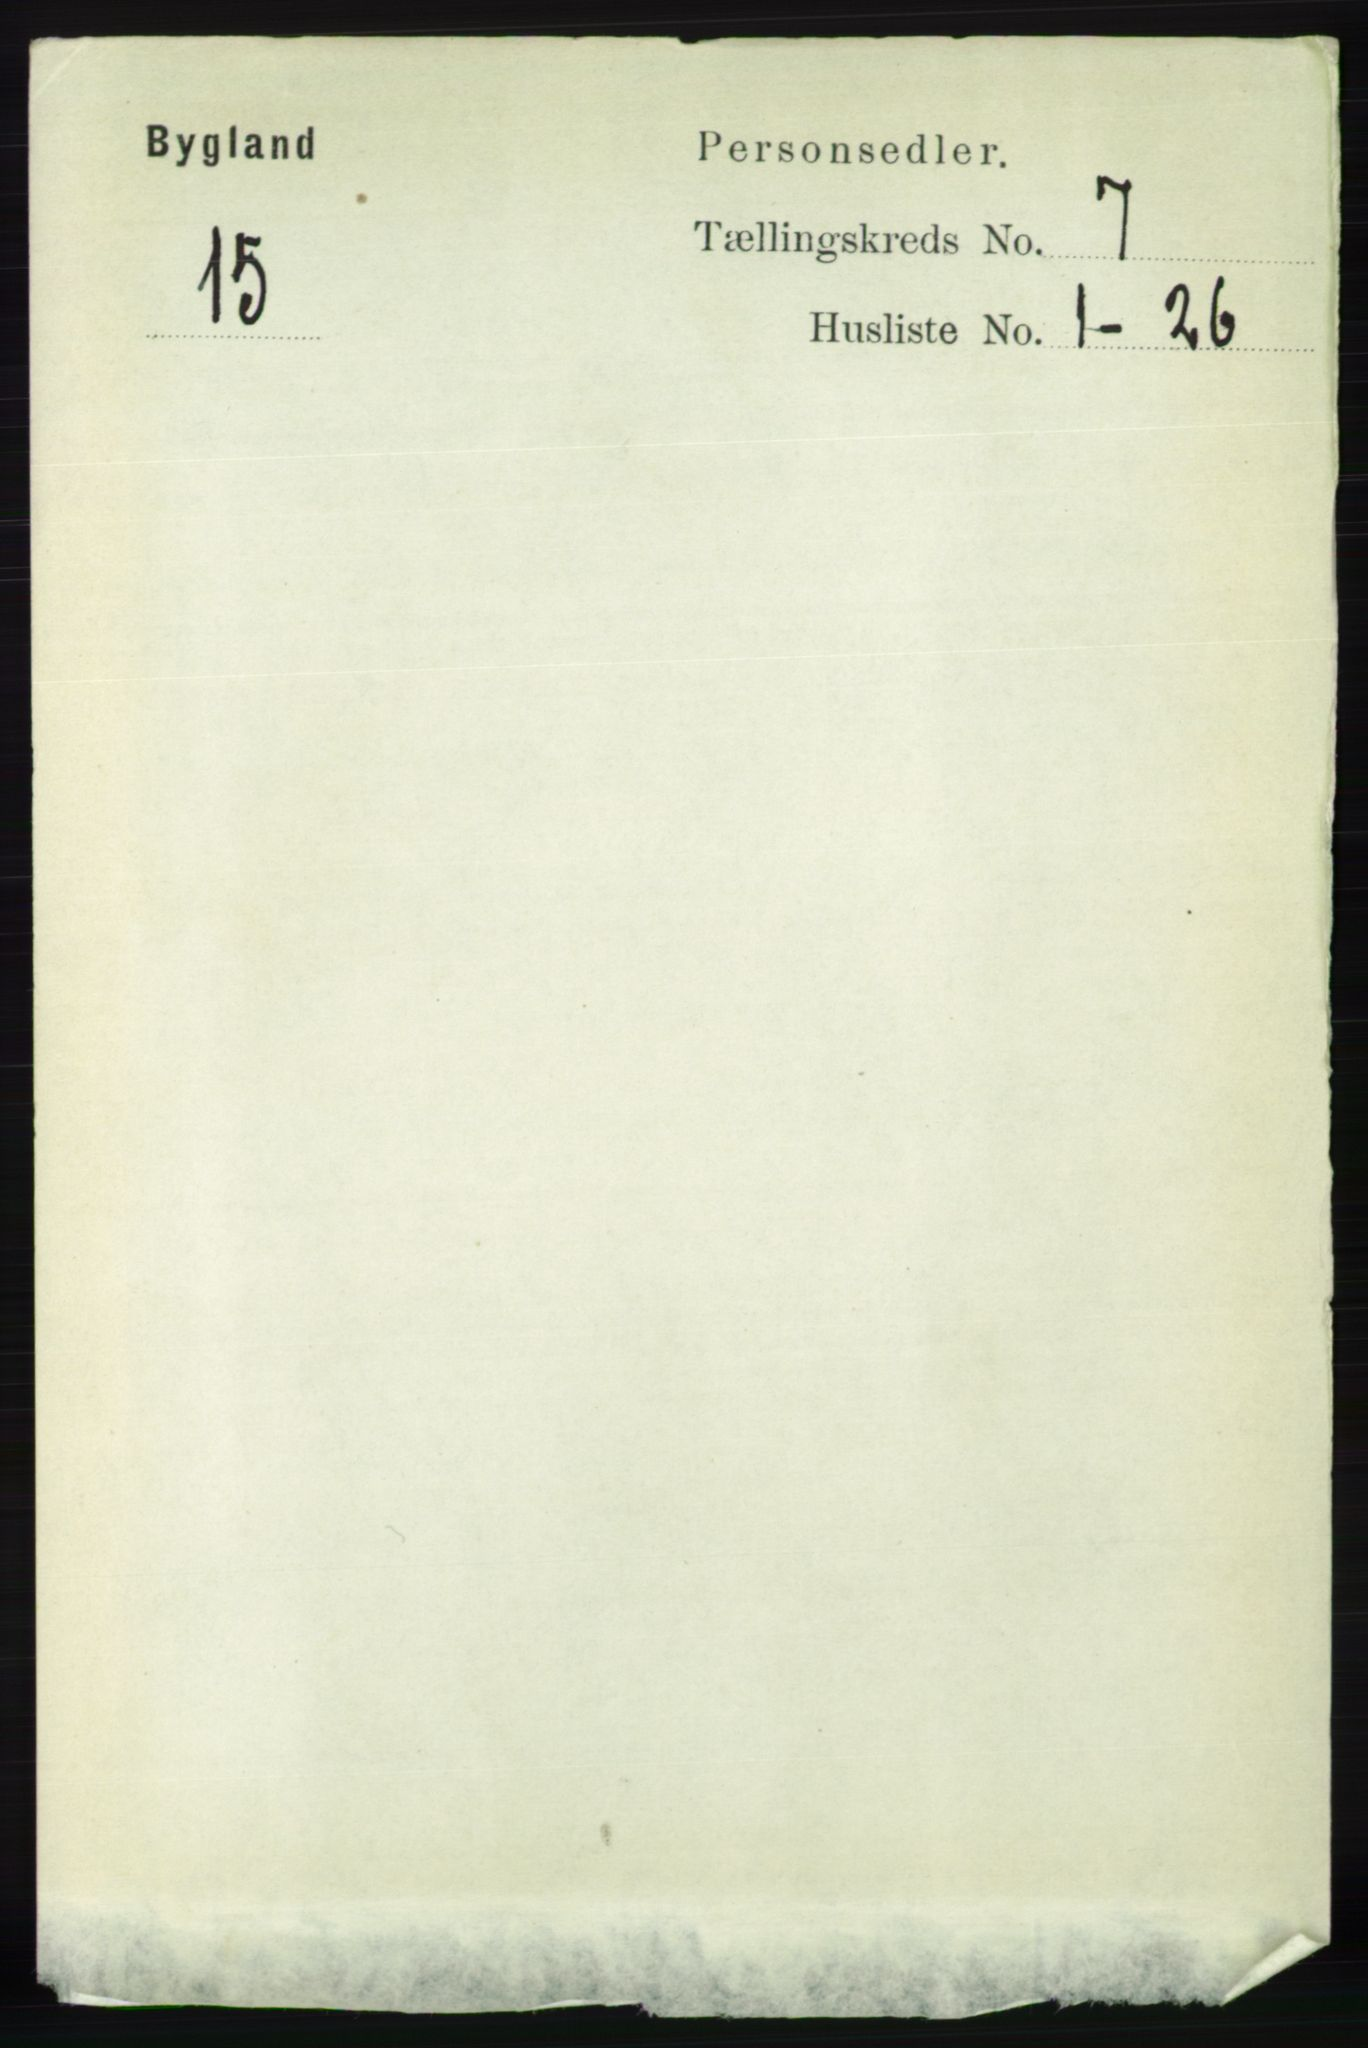 RA, Folketelling 1891 for 0938 Bygland herred, 1891, s. 1557